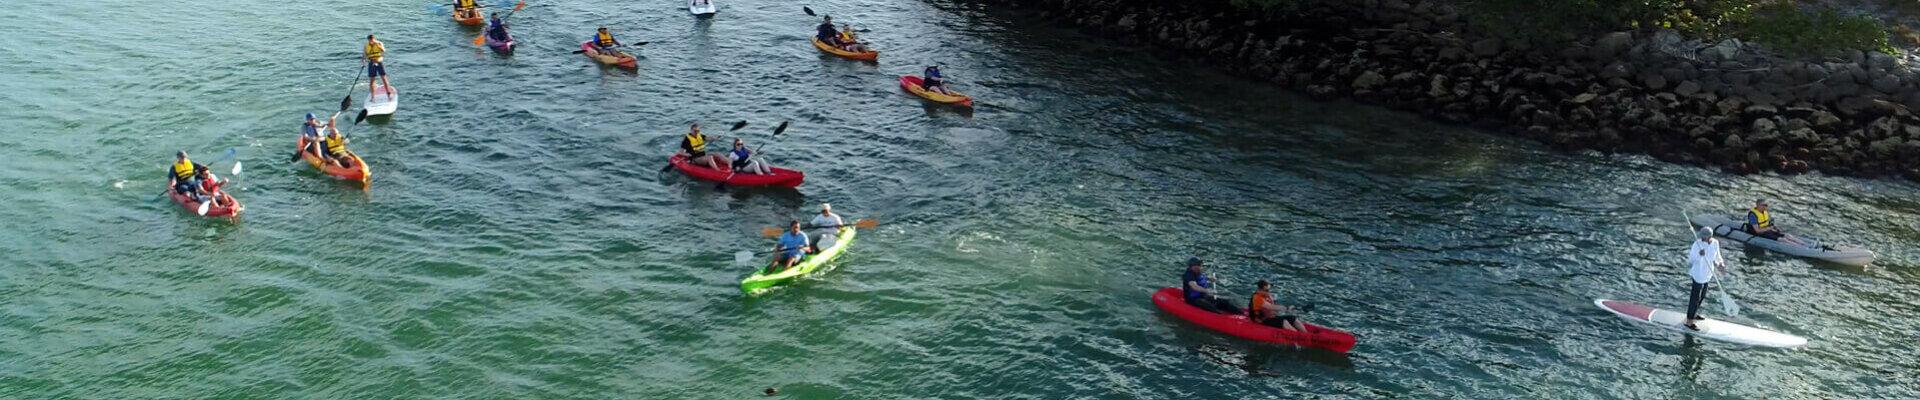 Miami Kayak Paddleboard Rentals